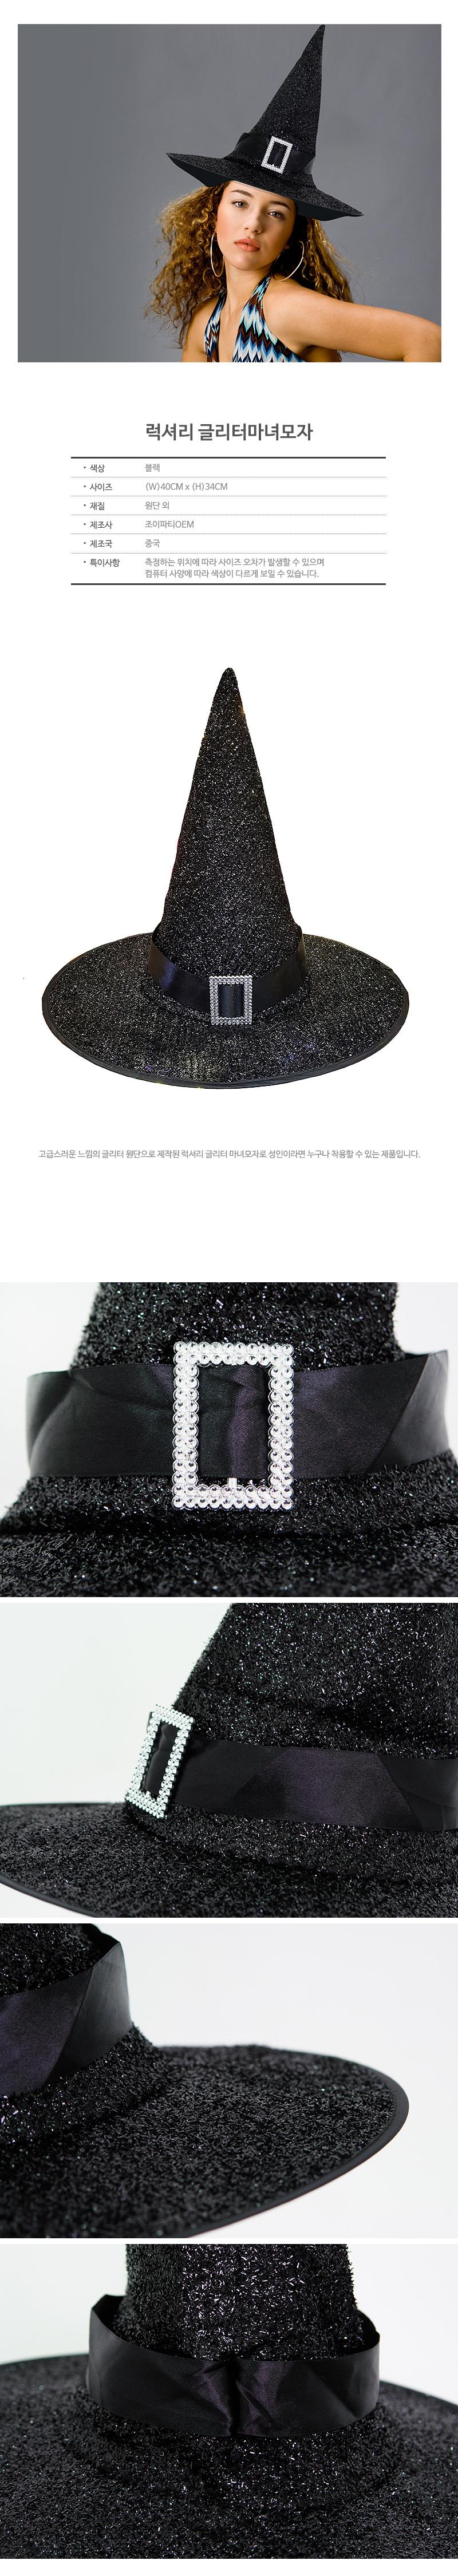 럭셔리 글리터마녀모자 블랙 _partypang - 파티팡, 4,000원, 파티의상/잡화, 모자/고깔